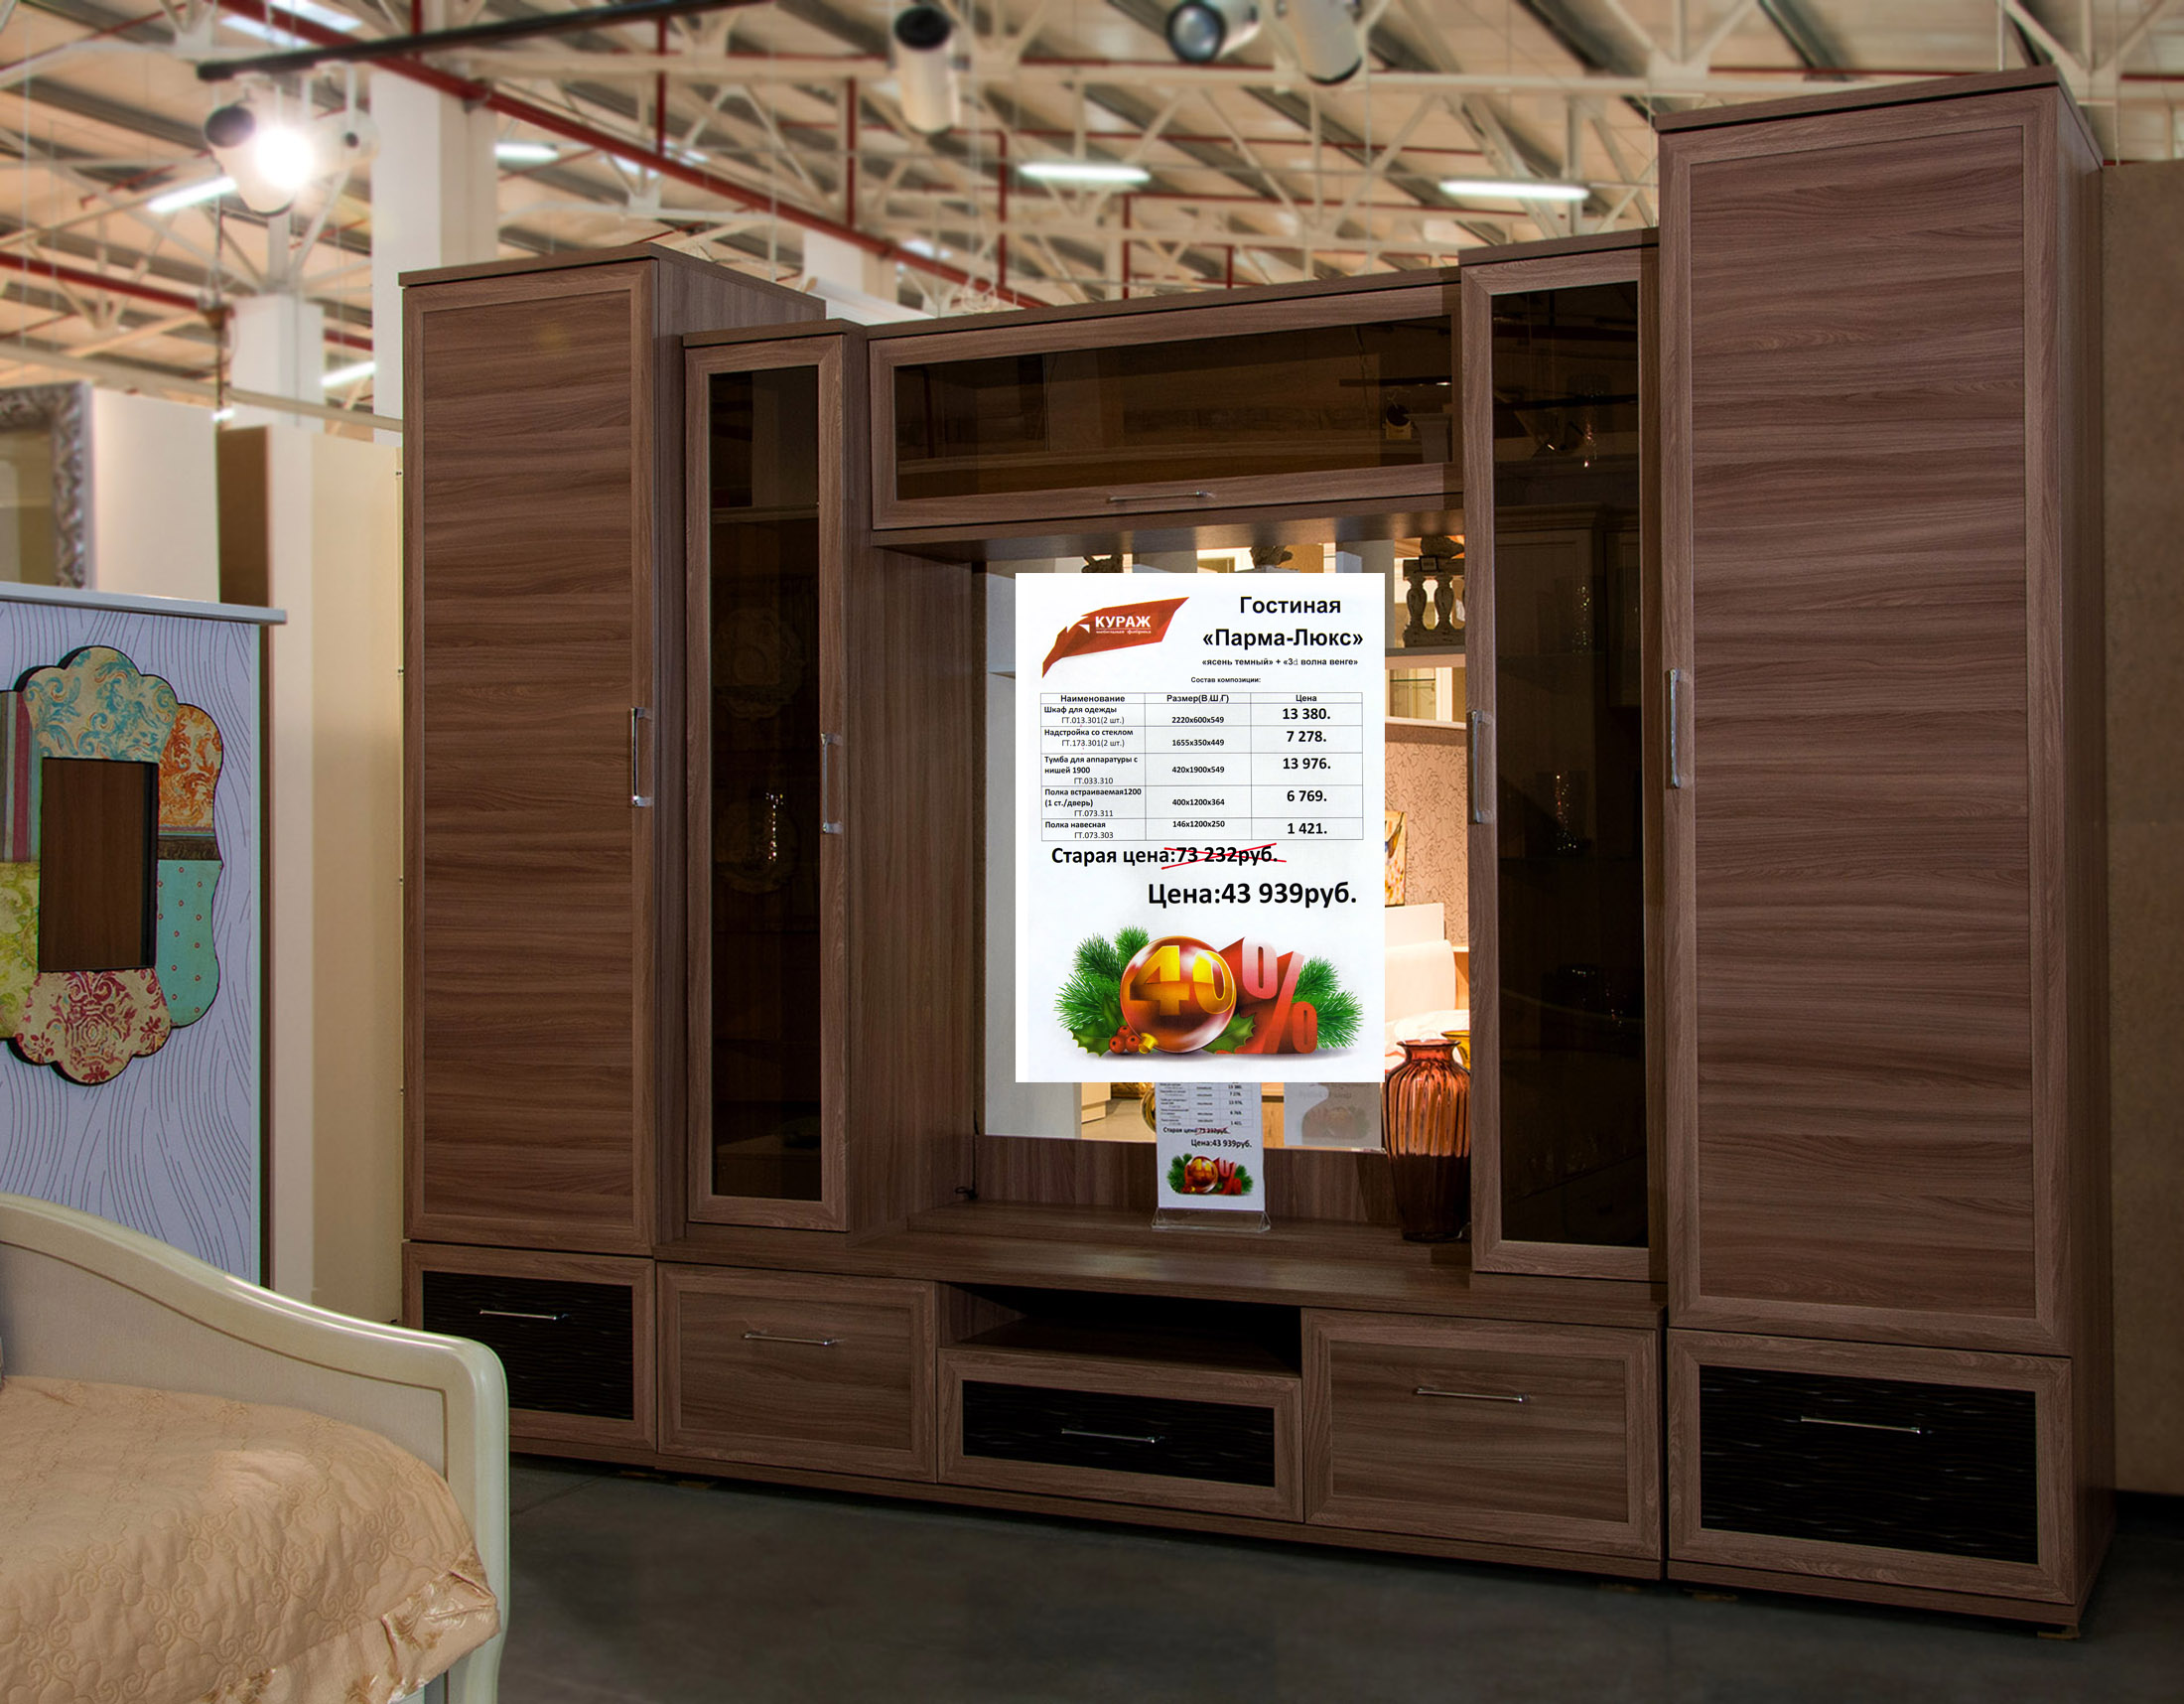 Мебель кураж парма люкс новые модели фото